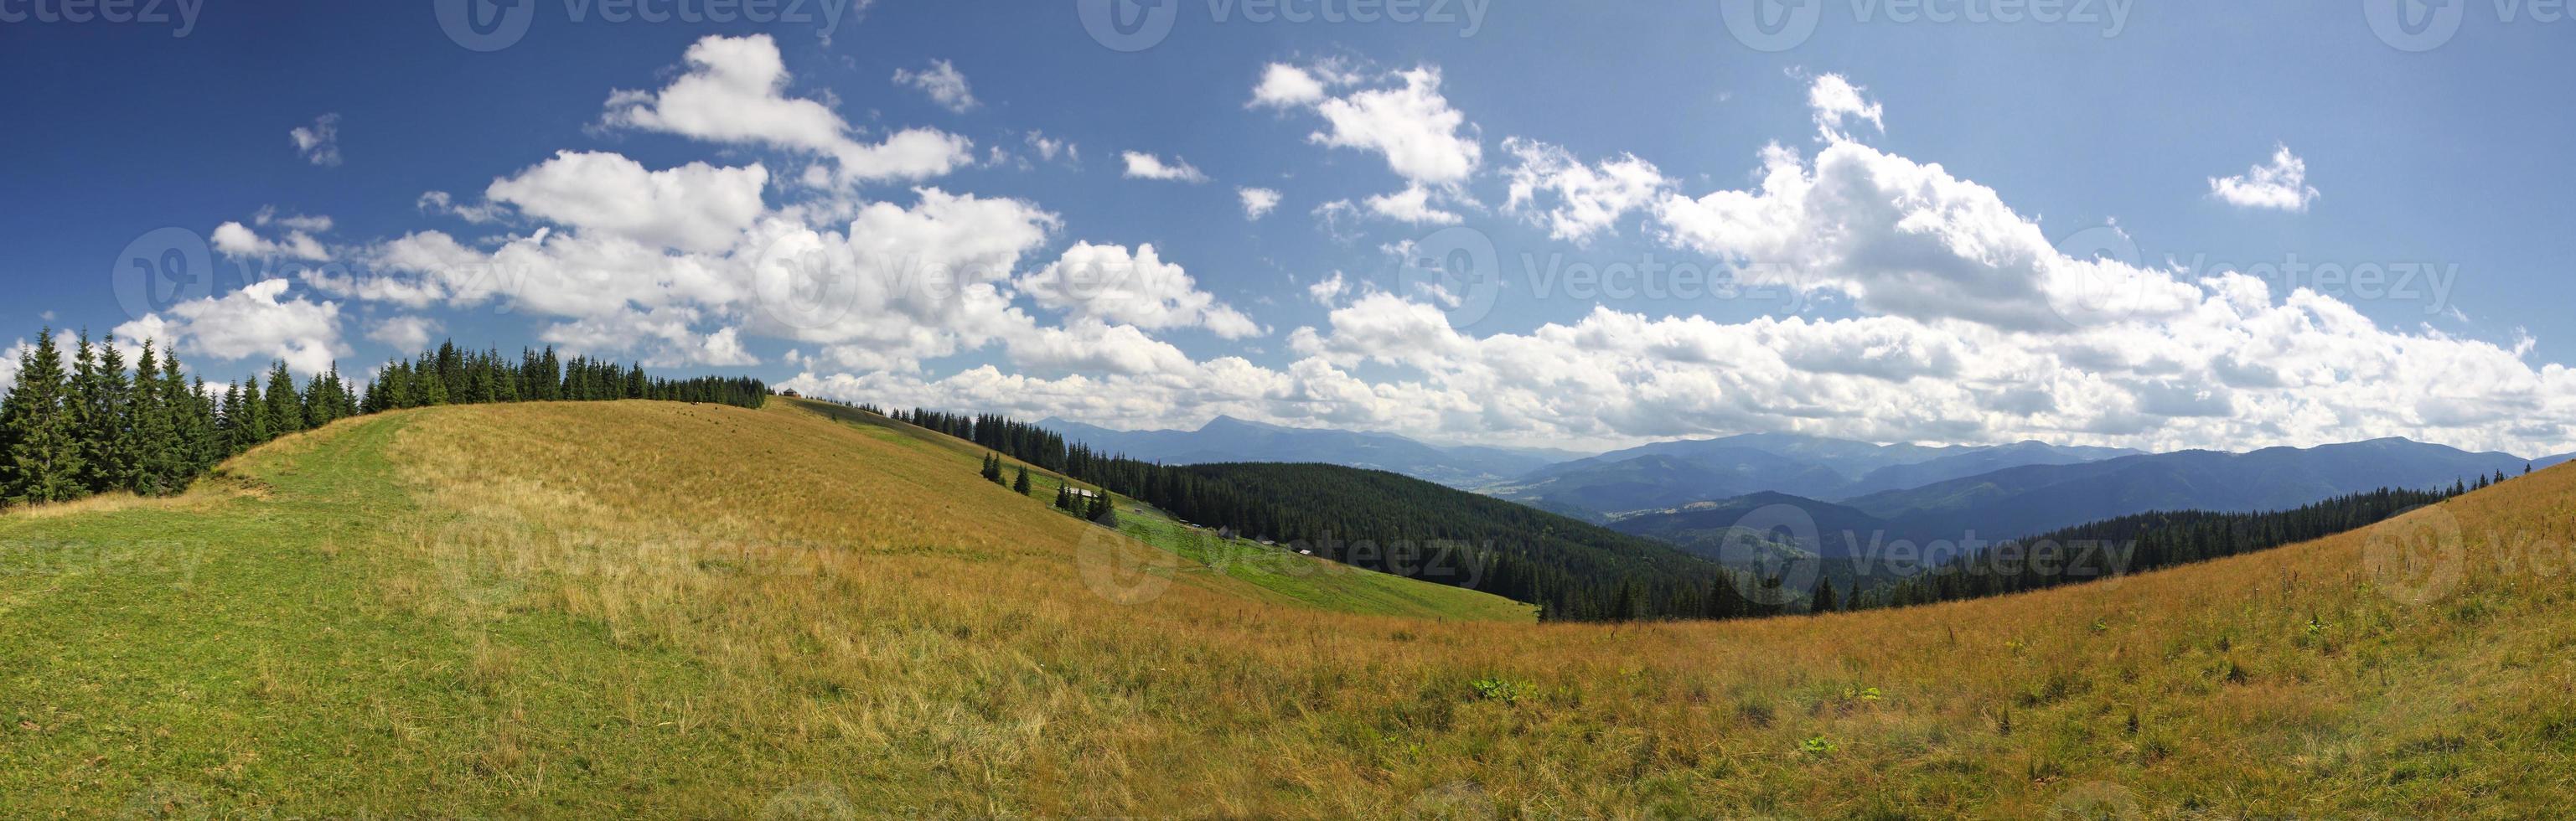 Panoramic view of Carpathian mountains, Ukraine photo